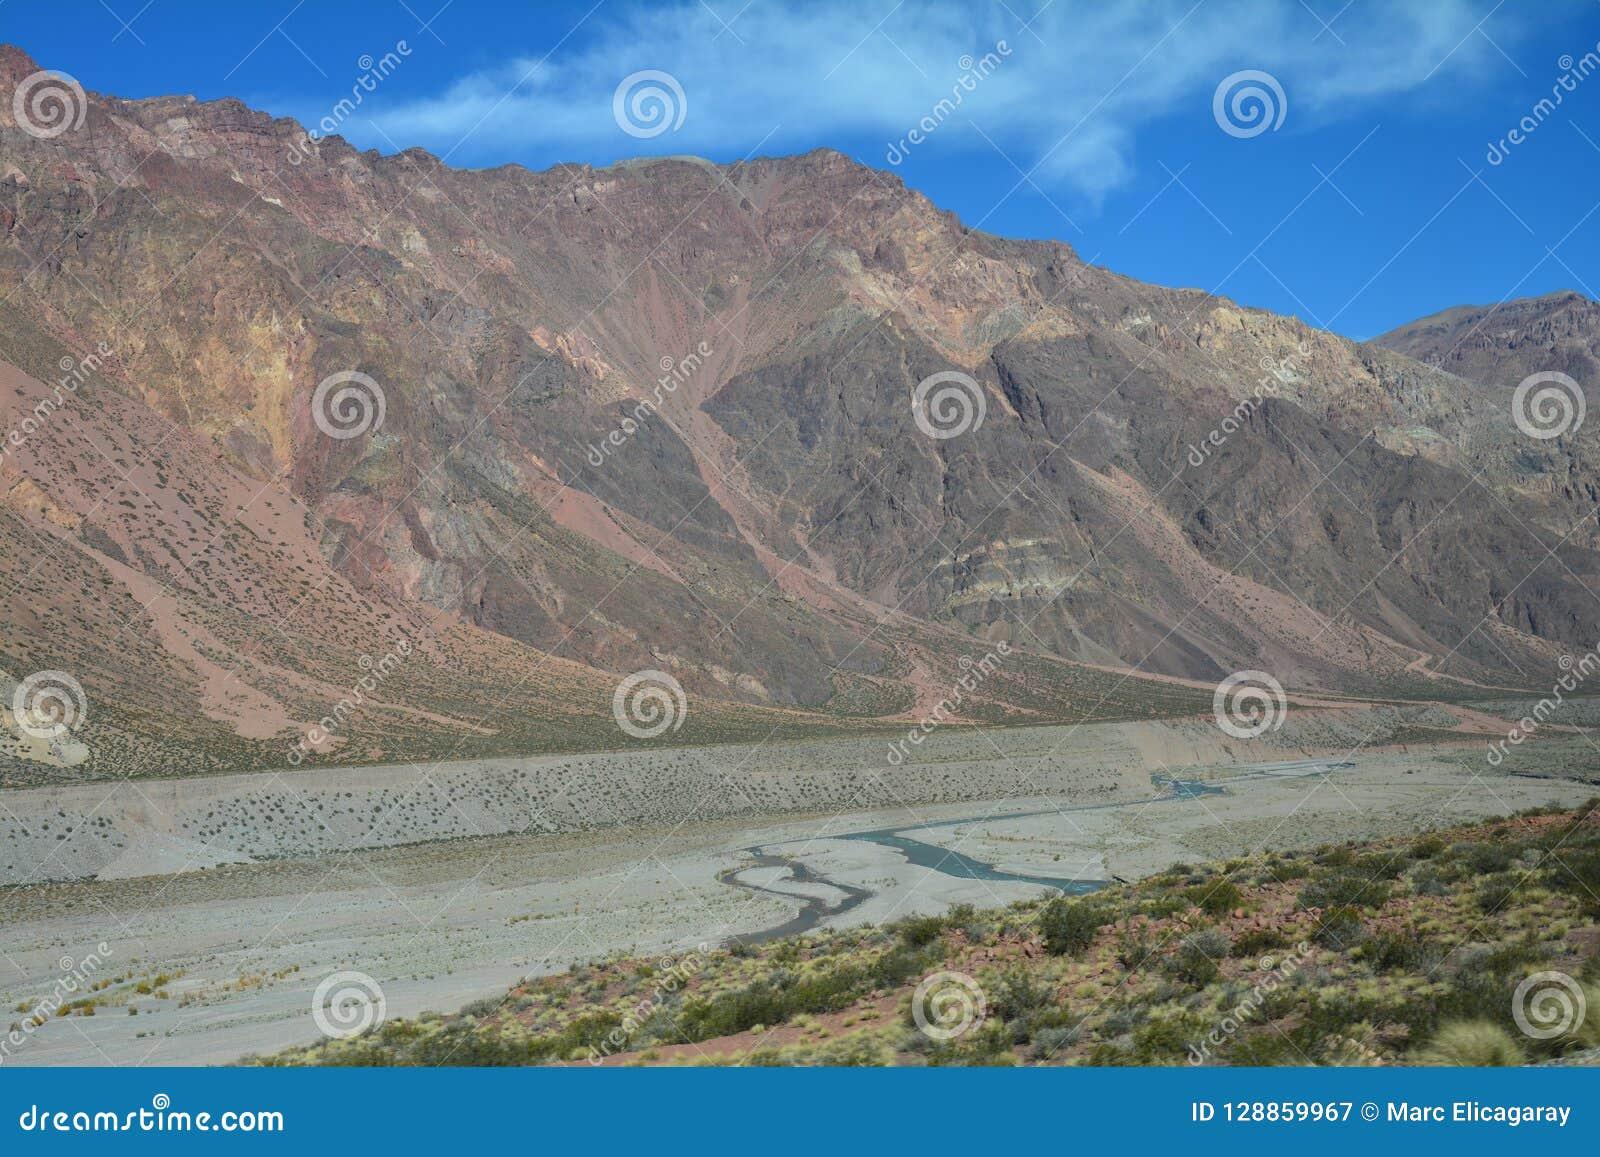 Route scénique dans les montagnes des Andes entre le Chili et l Argentine